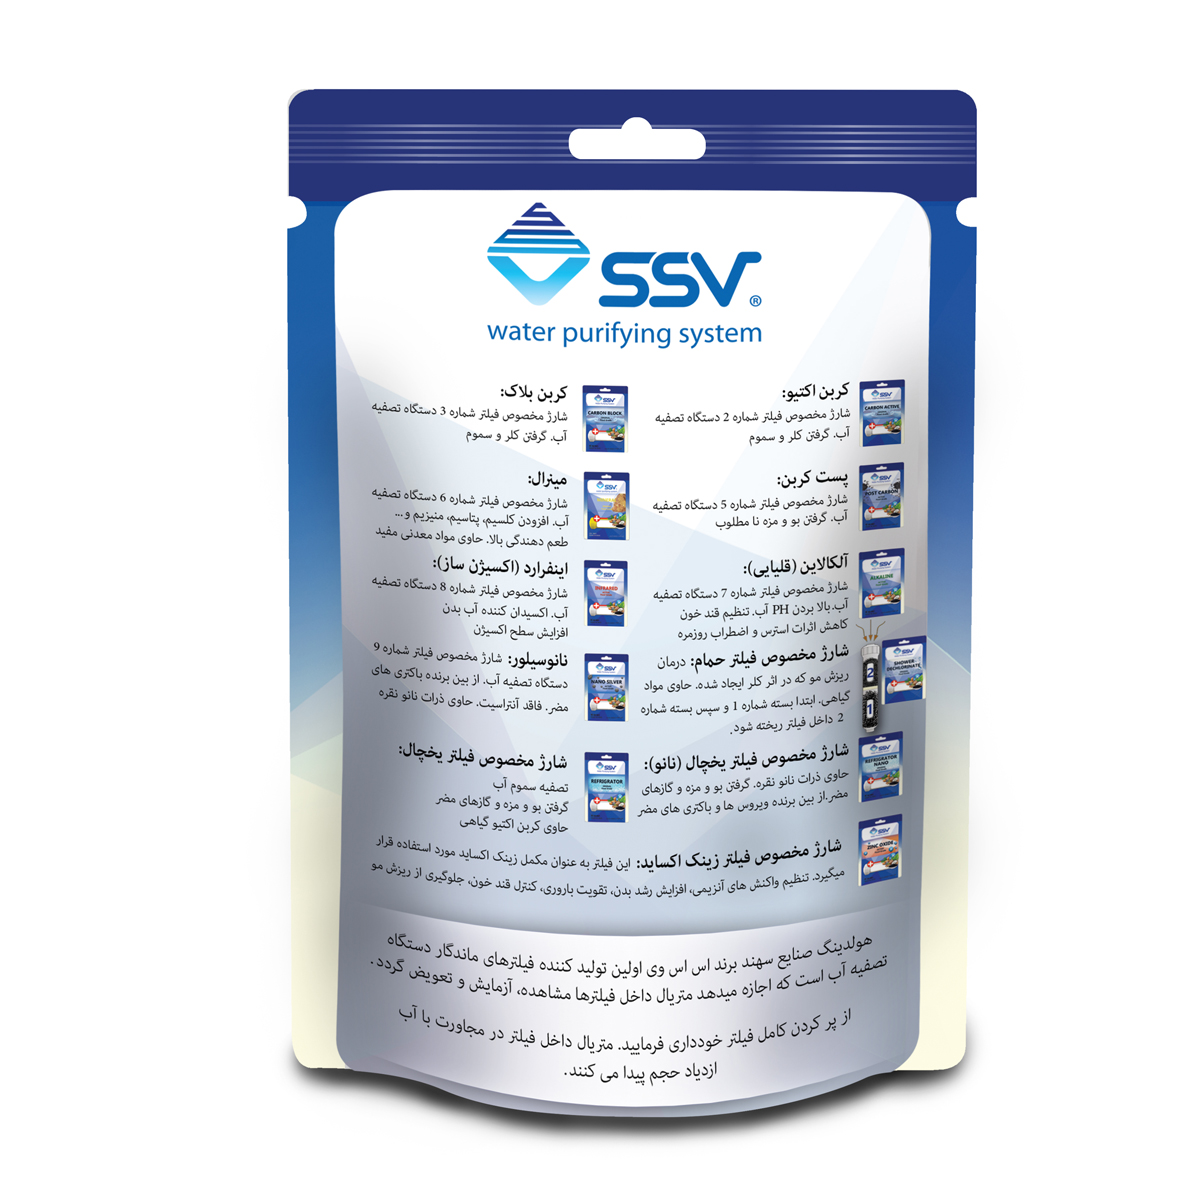 فیلتر تصفیه کننده آب دوش حمام اس اس وی مدل Dechlorinate به همراه شارژ وزن 140 گرم بسته 2 عددی